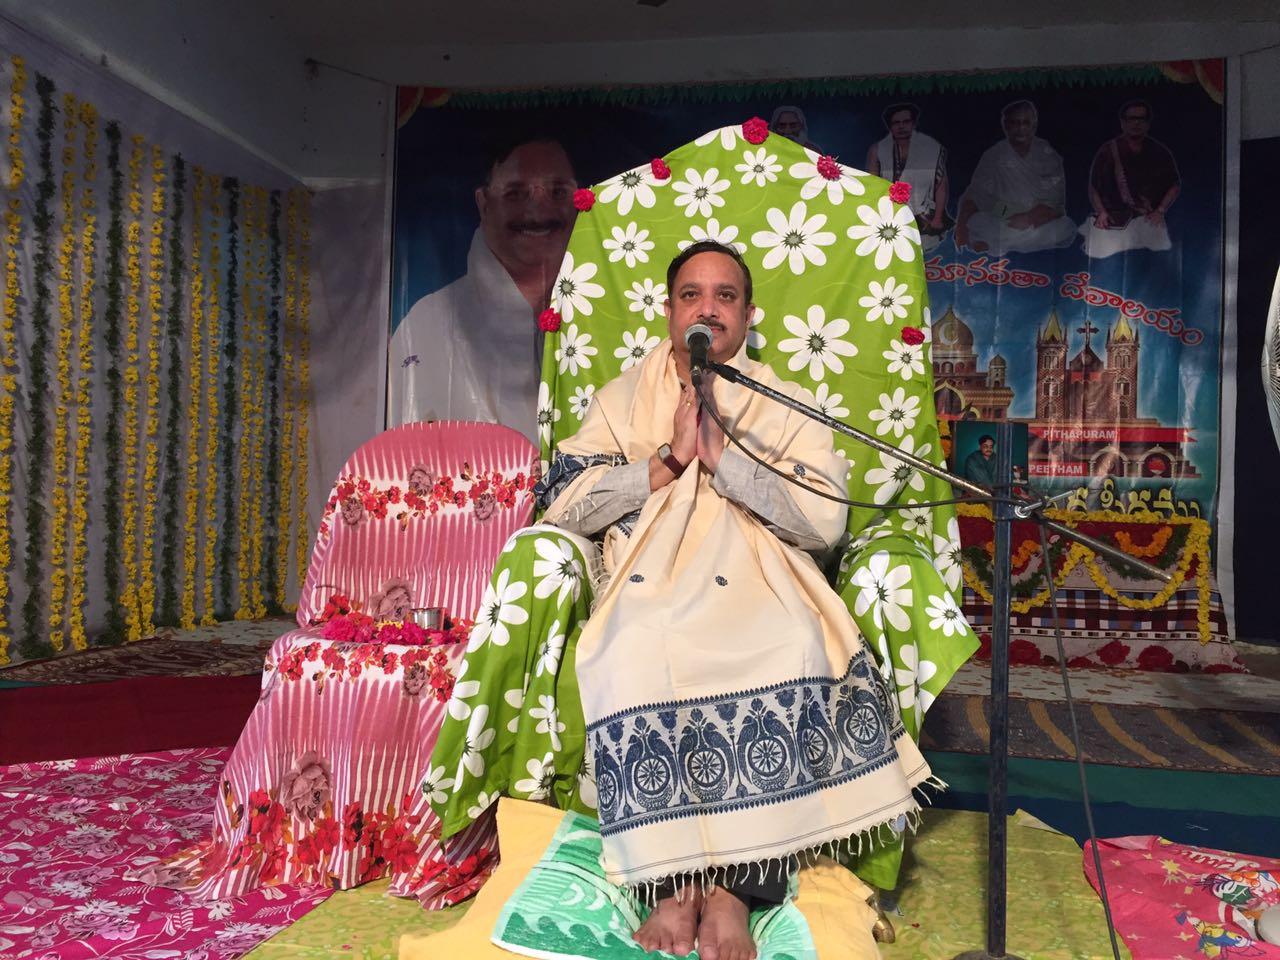 Sathguru Dr.Umar Alisha in Karthika Masam Tour - JangareddyGudem, West Godavari District, AP